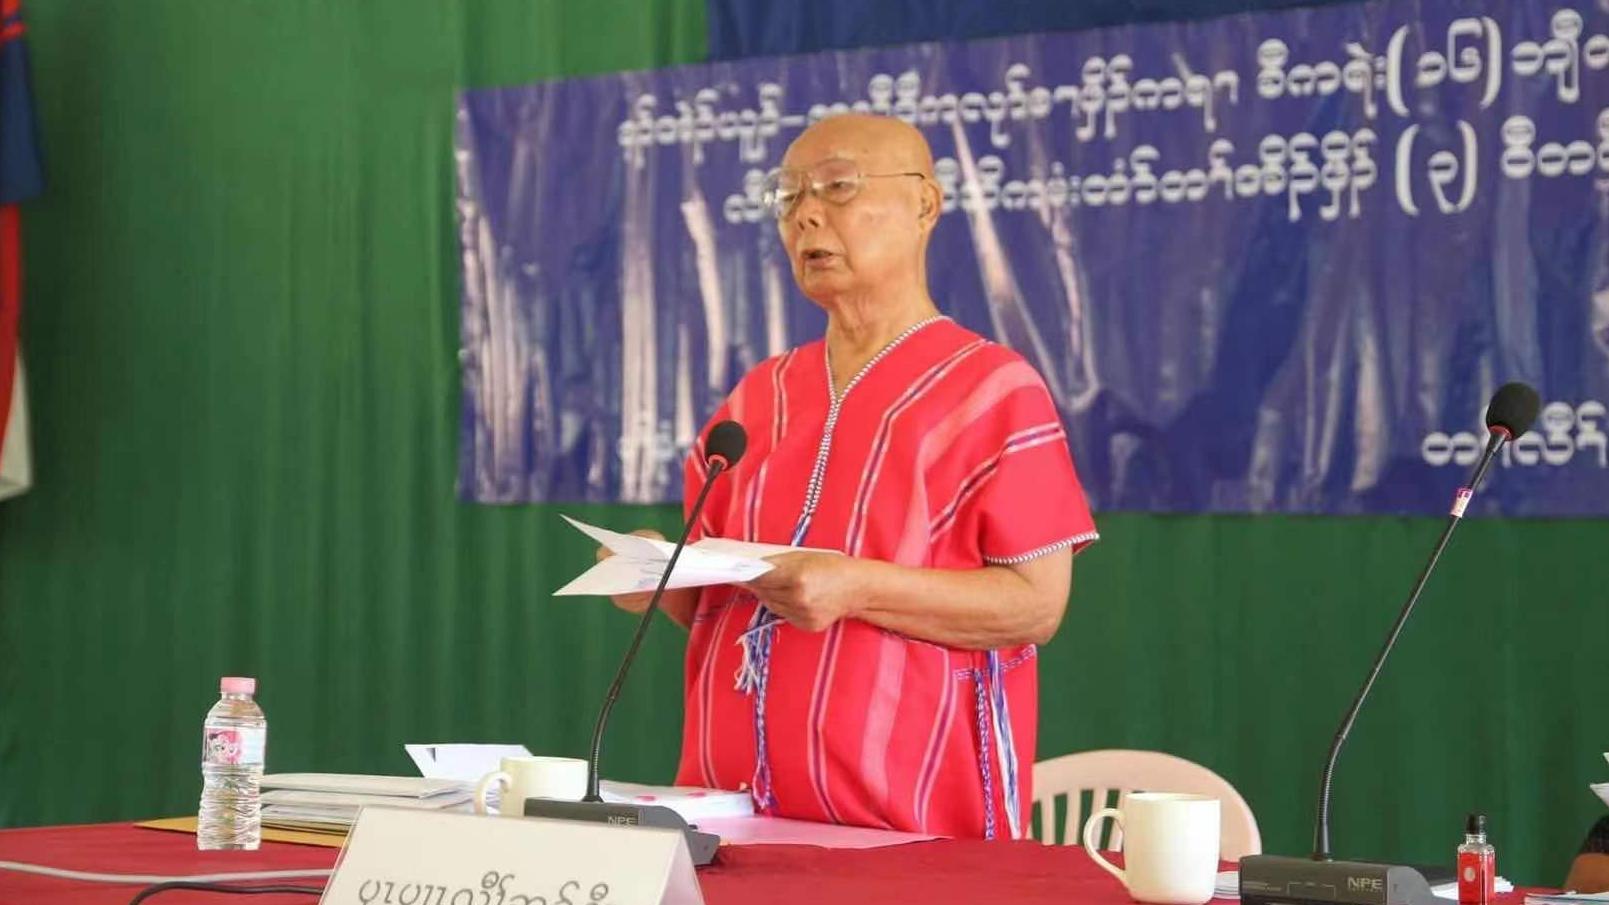 缅甸克伦民族武装领导人发表声明 希望通过政治对话解决危机